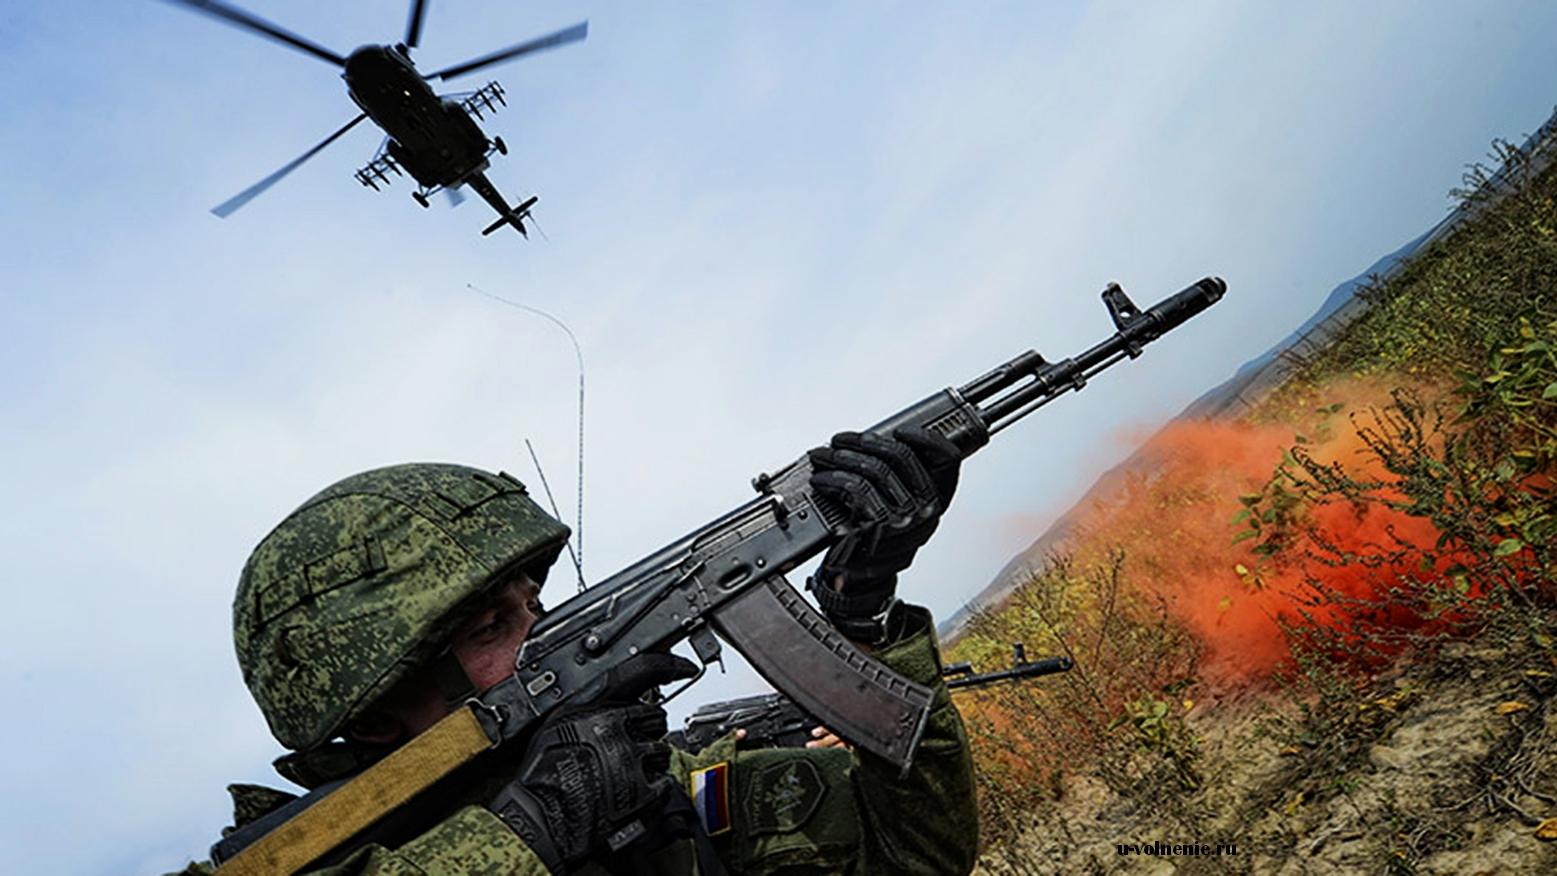 военнослужащий с автоматом и вертолет